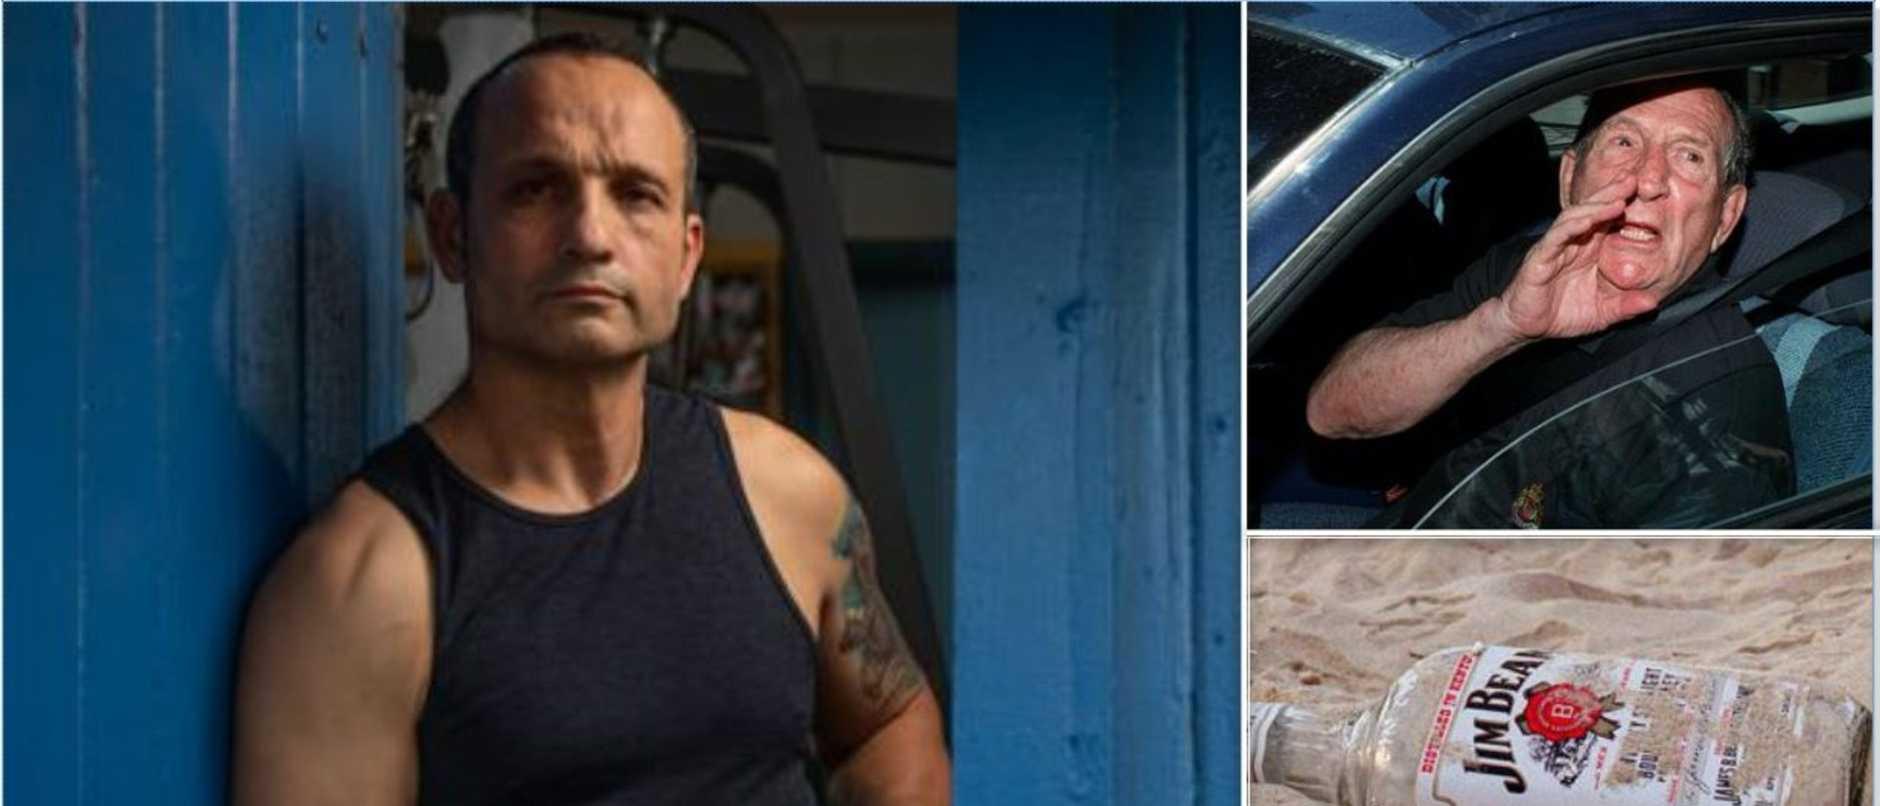 'F**kin break his arm': Mr Big's hit on Jim Beam boss